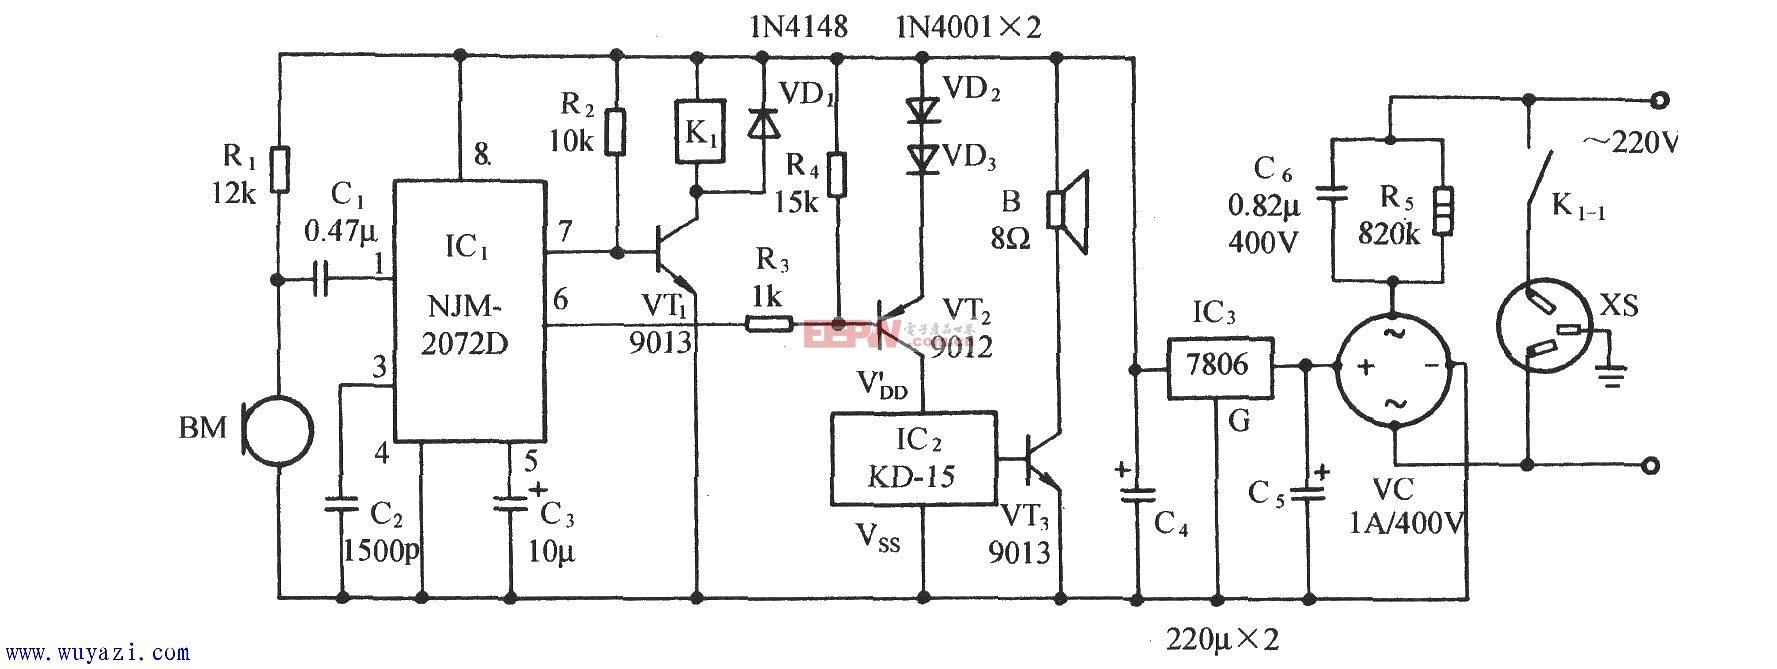 用NJM2072D的声控音乐插座电路